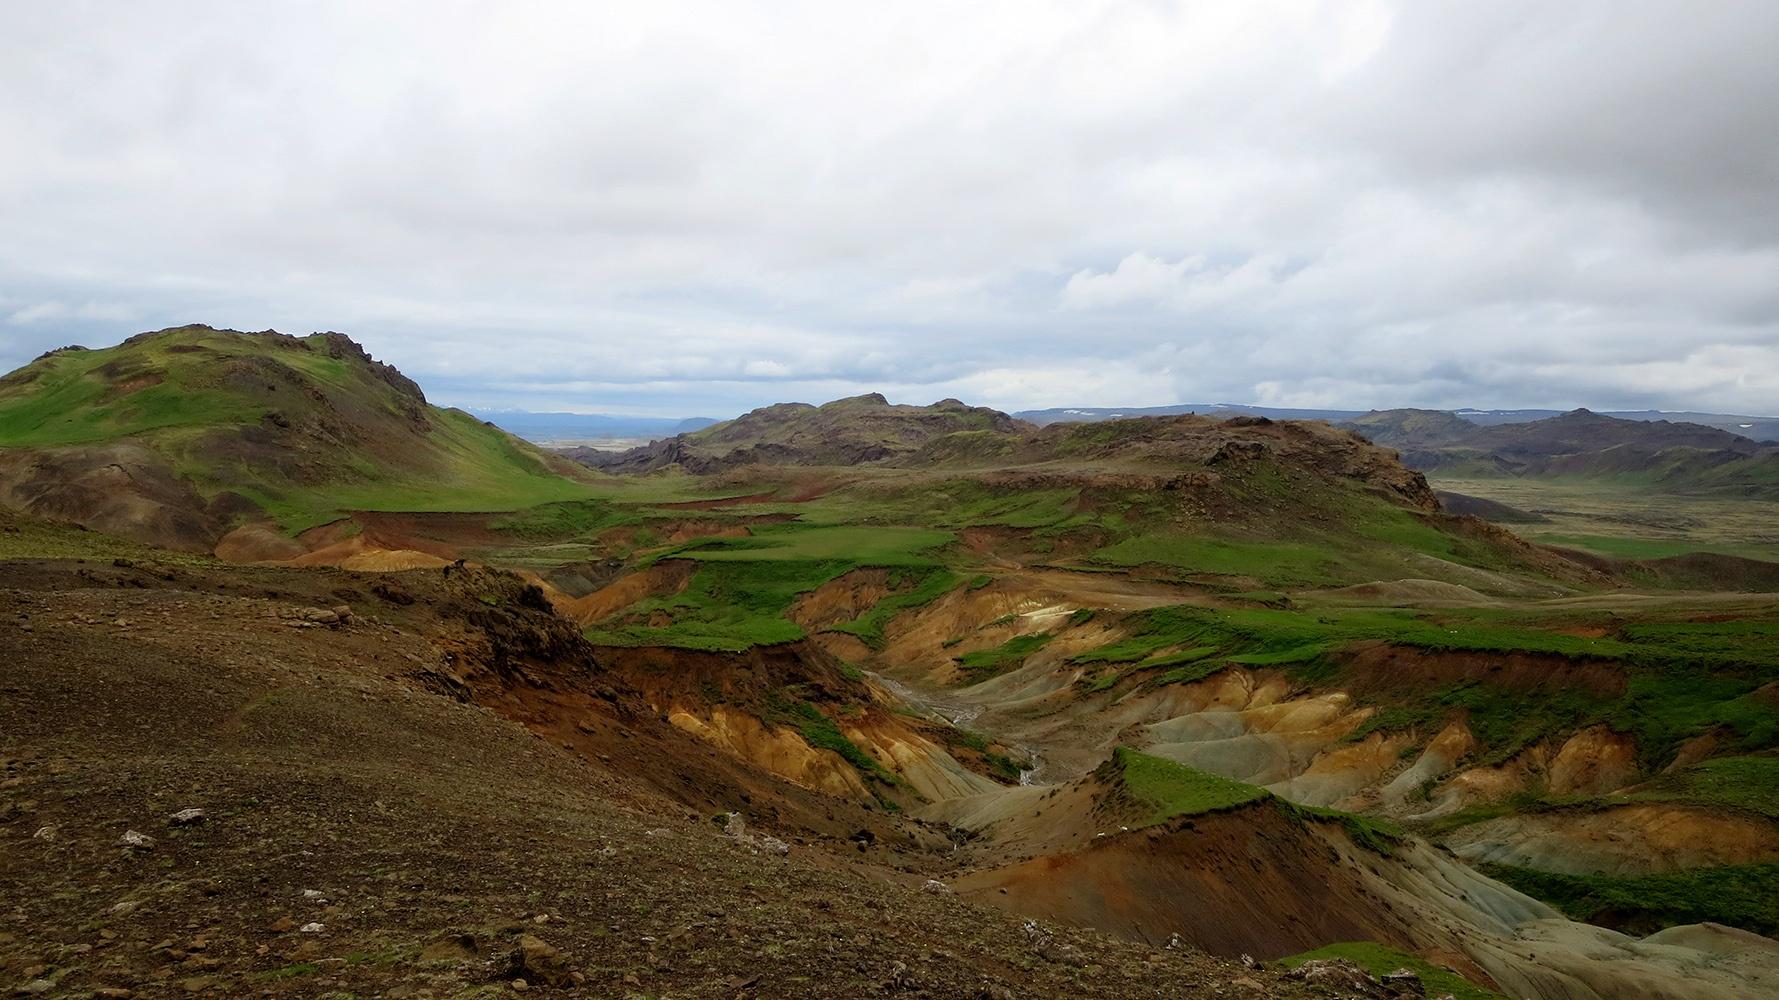 Zu Fuß durch Island: Vulkanlandschaft während der Weitwanderung.